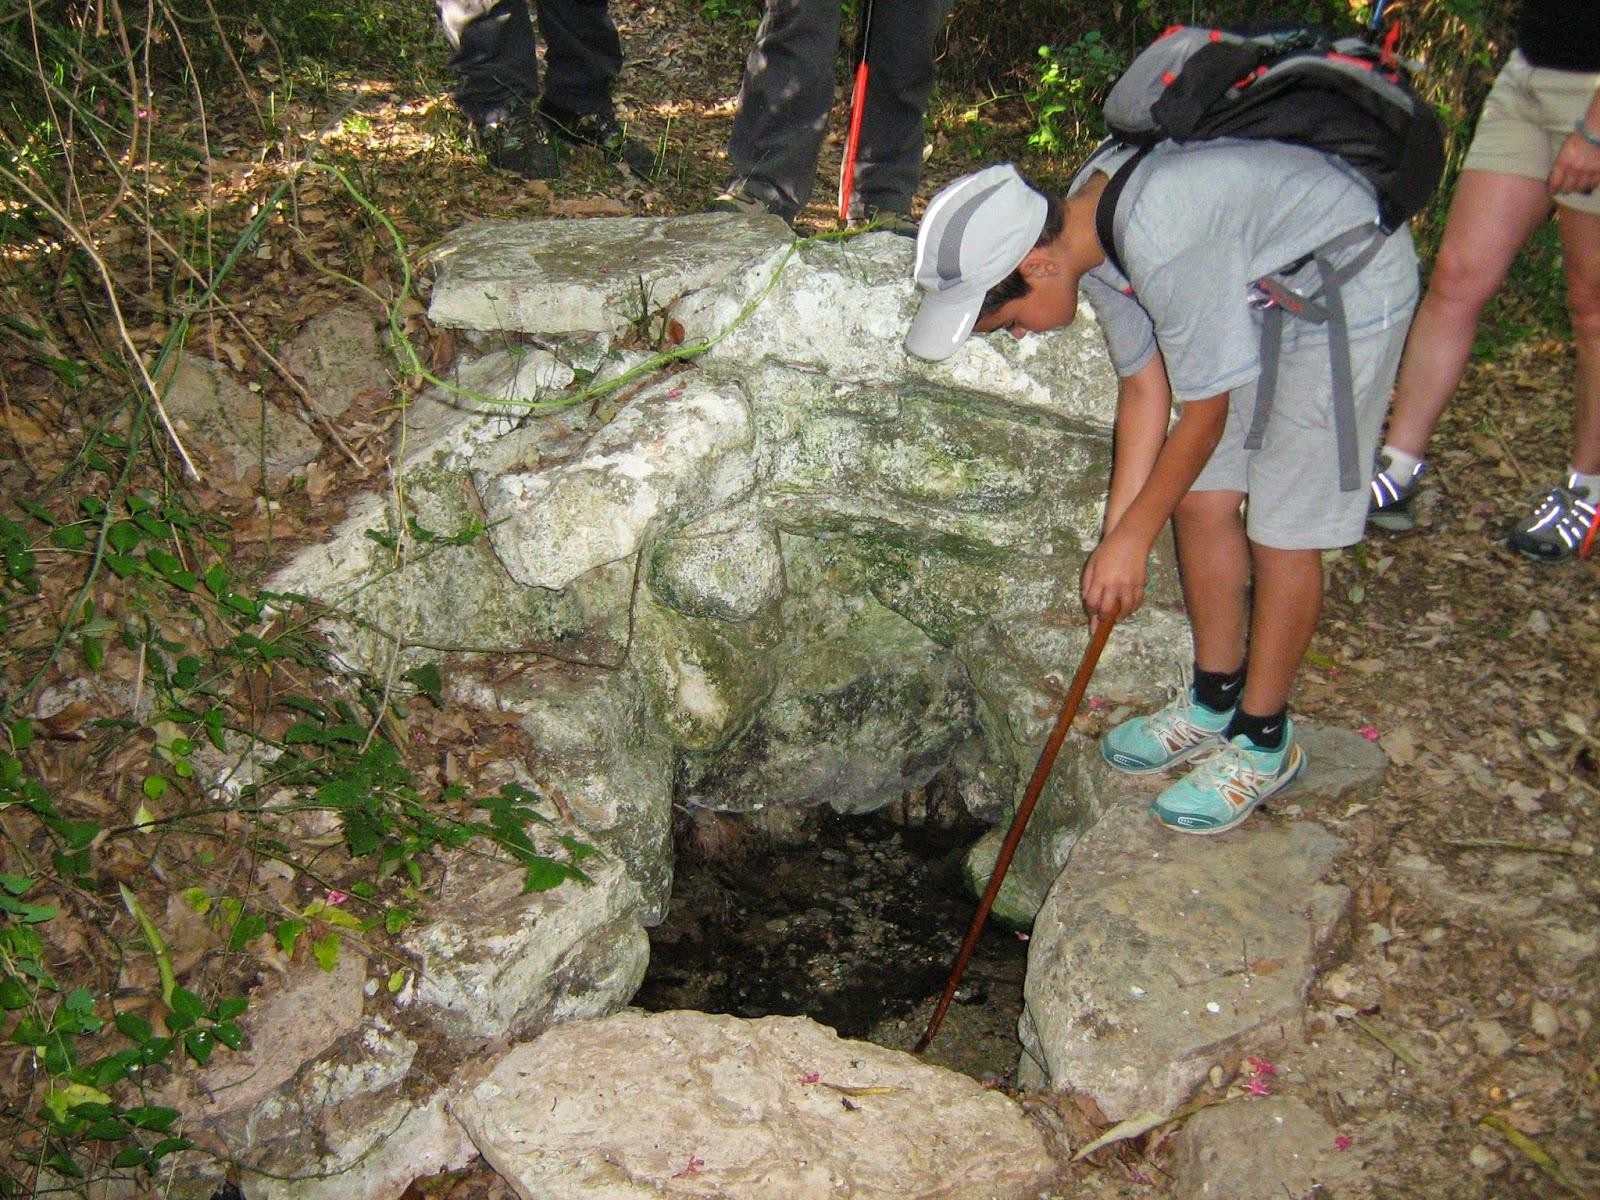 Los Baños Romano La Hedionda:DE SENDEROS: Canuto de la Utrera-Río Casares-Baños de la Hendionda